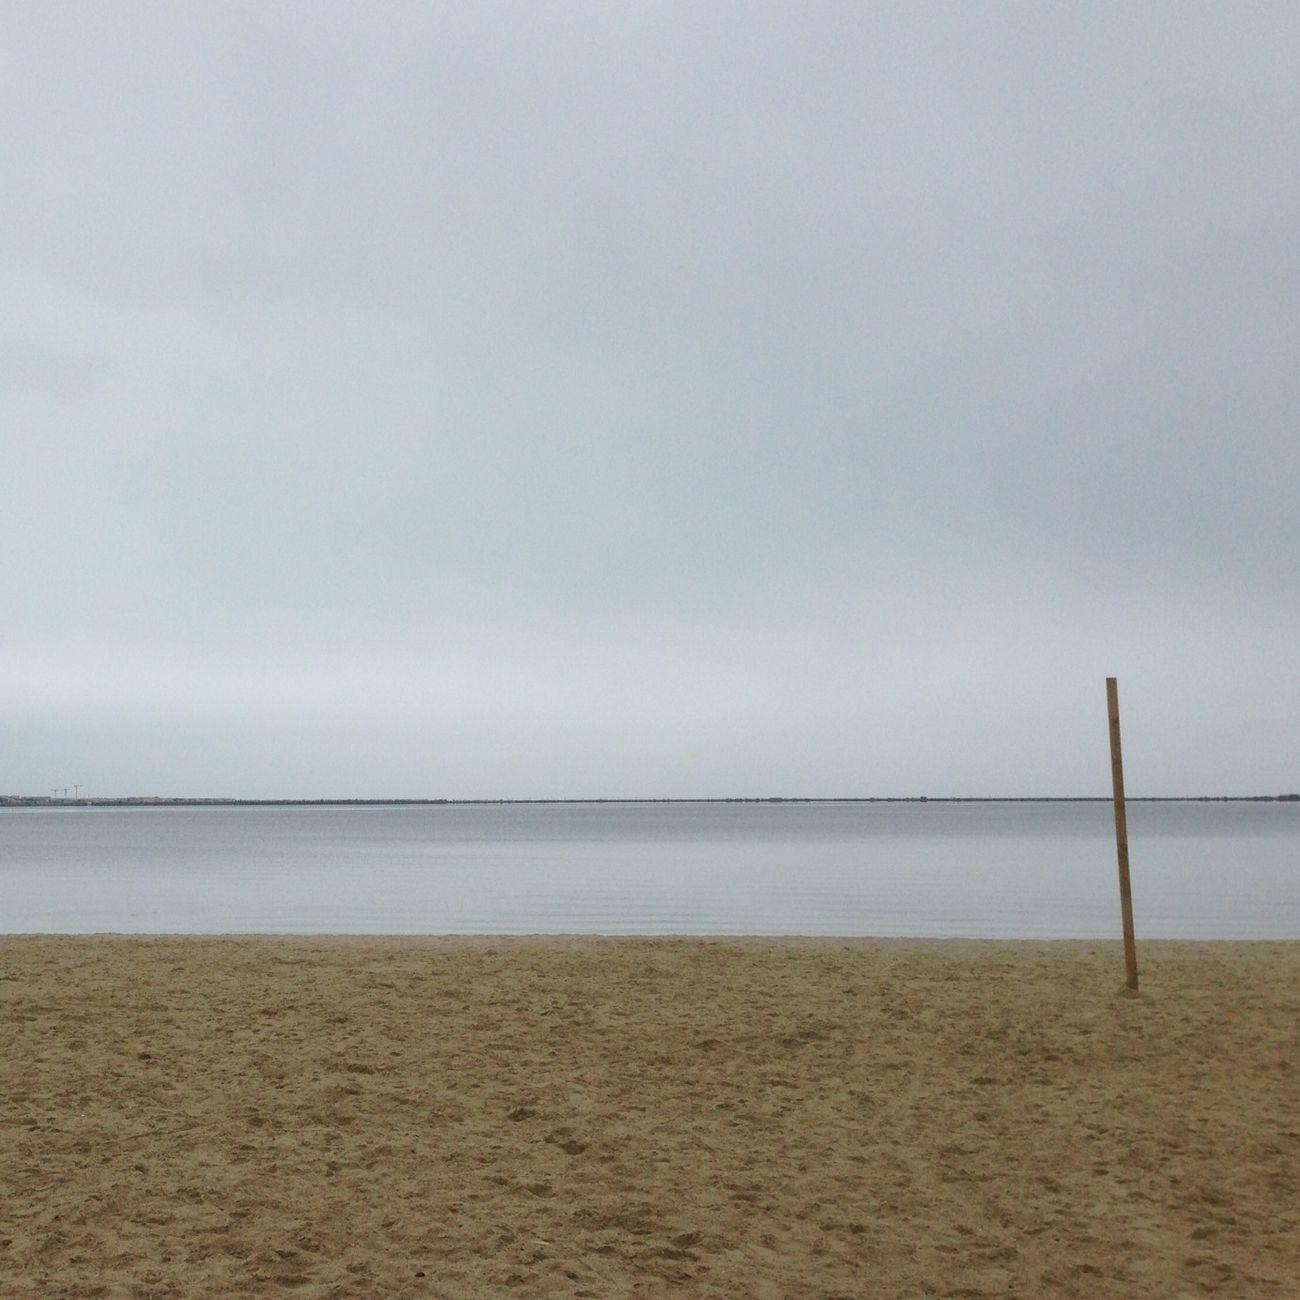 La plage abandonnee ...